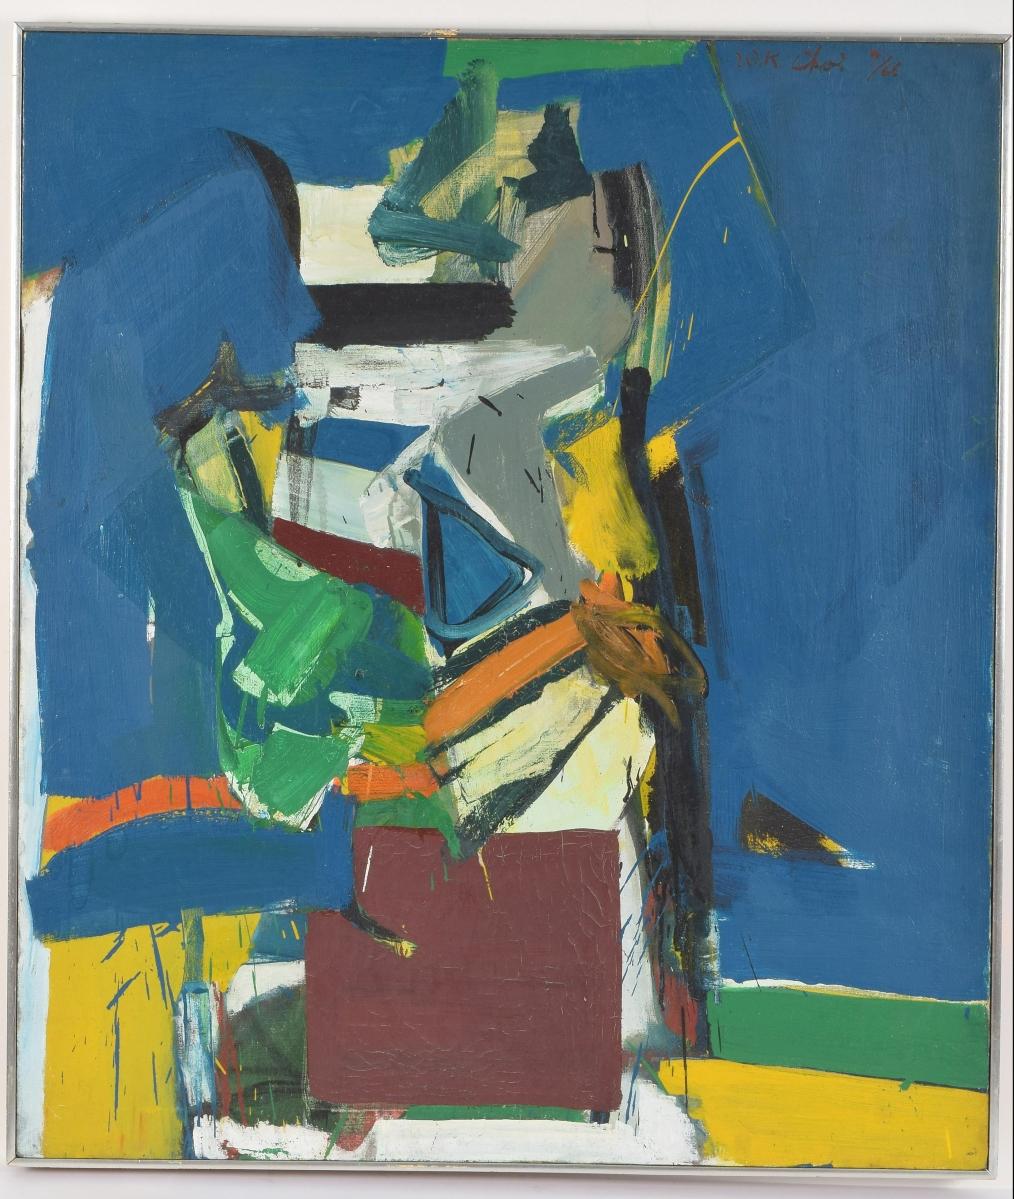 Korean abstract